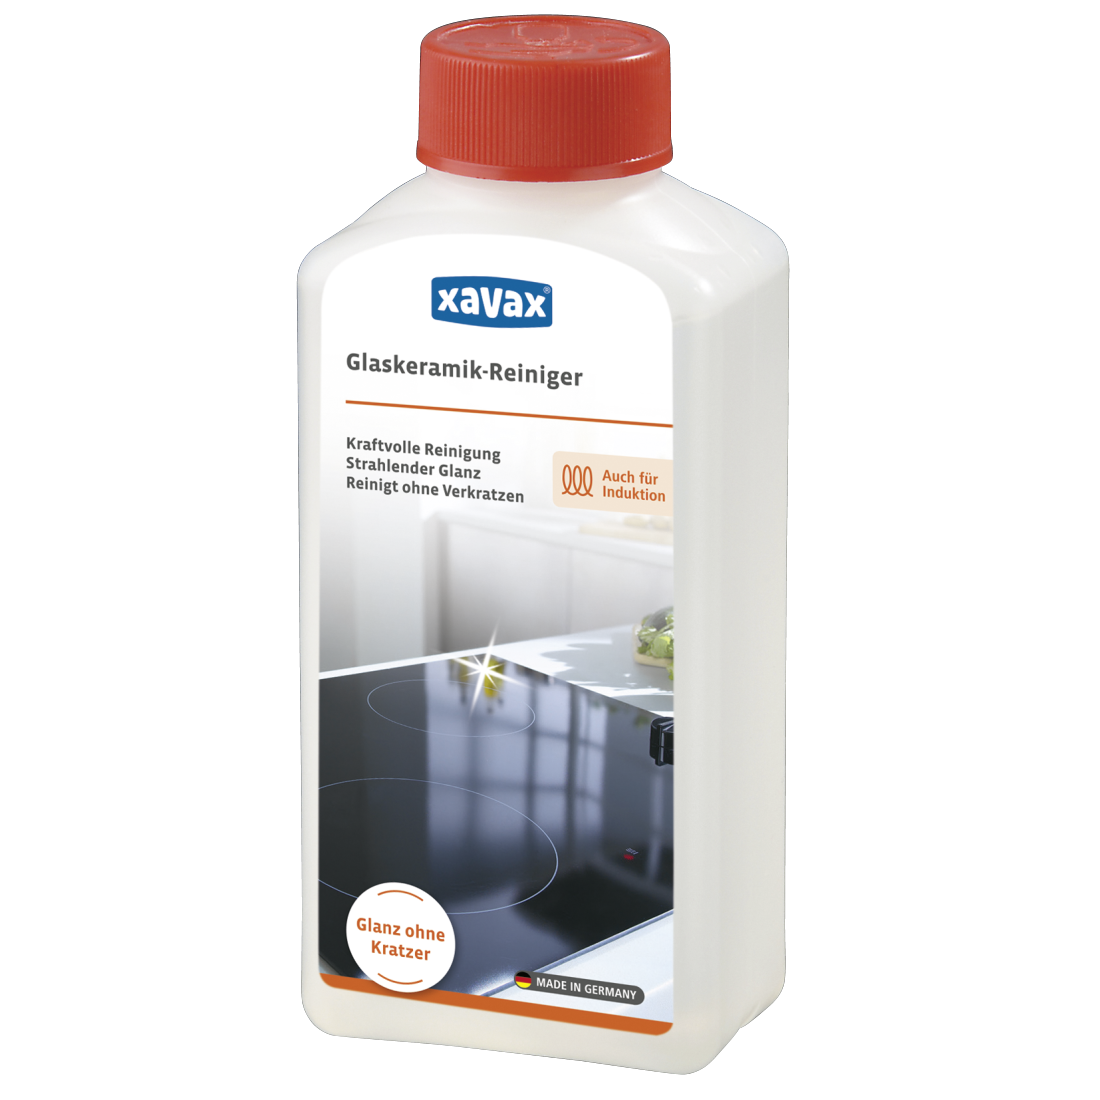 Produit Pour Nettoyer Vitroceramique 00111726 xavax nettoyant pour plaque vitrocéramique, 250 ml